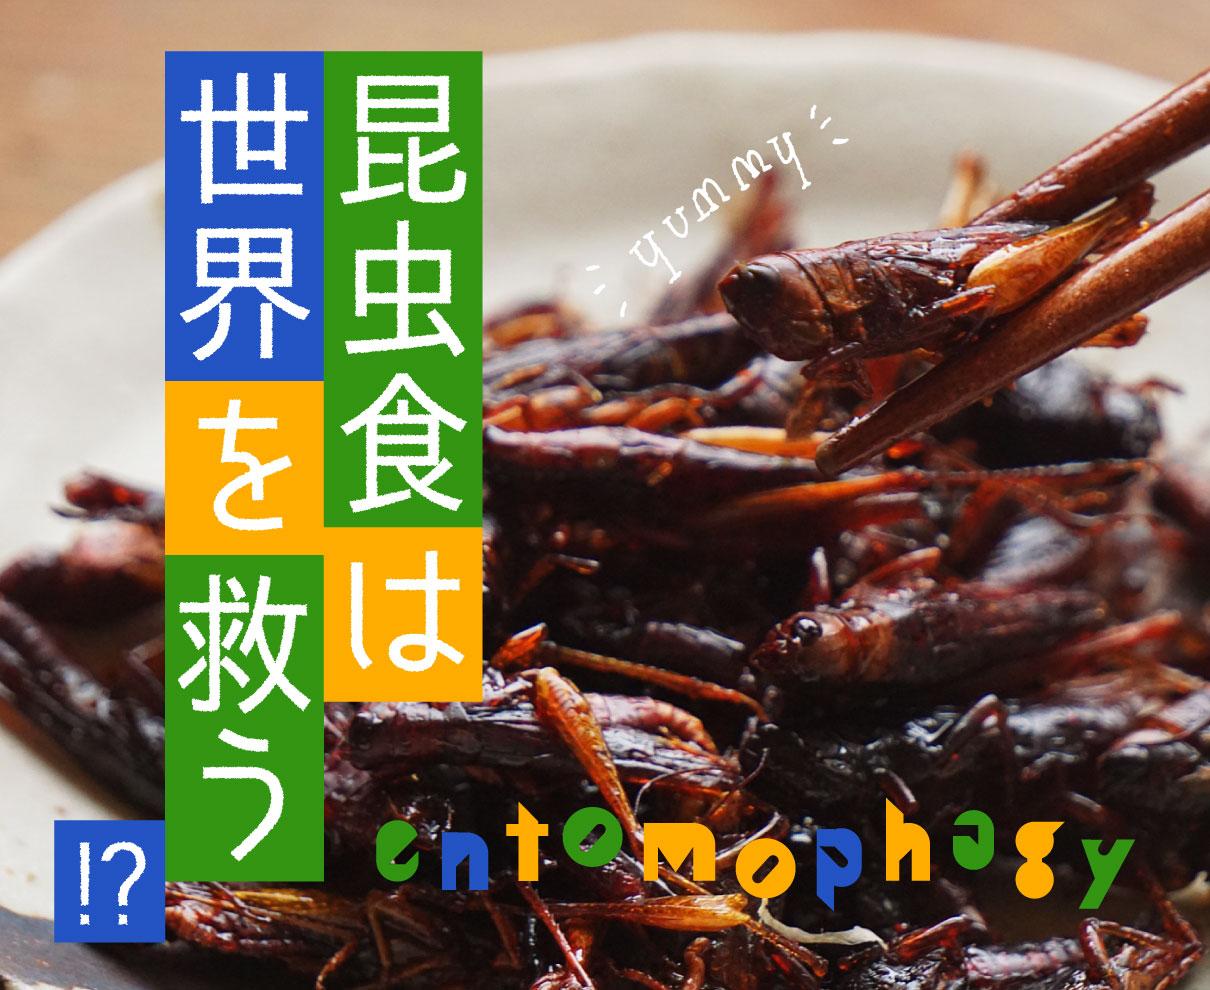 本気で食べたい人以外見ないで!キモうまグルメ「昆虫食」は世界を救う⁉